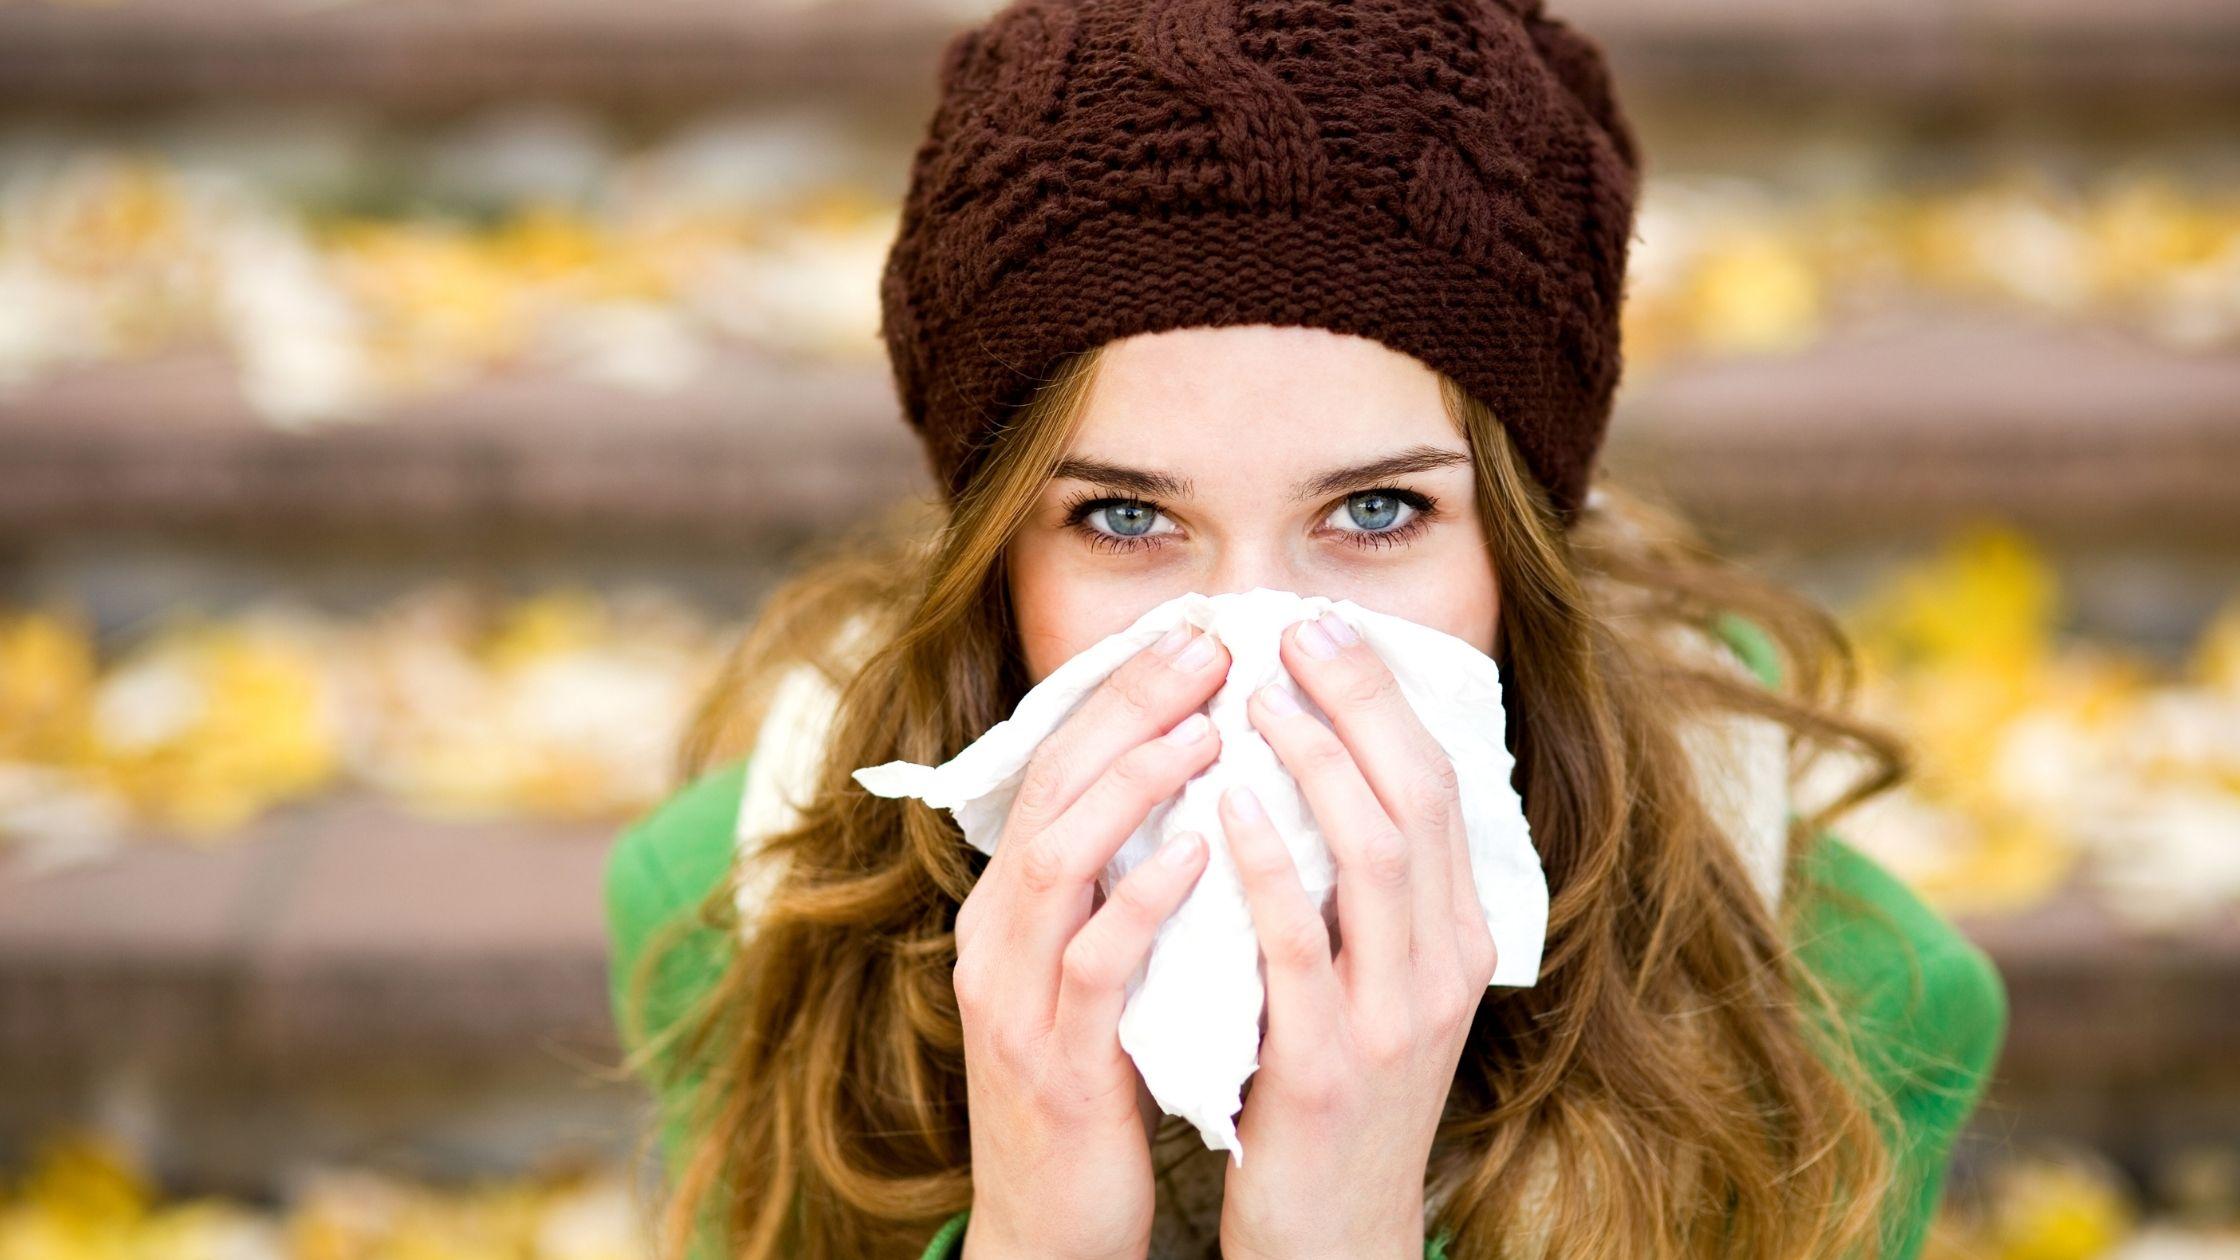 4 efficaci rimedi naturali per il raffreddore